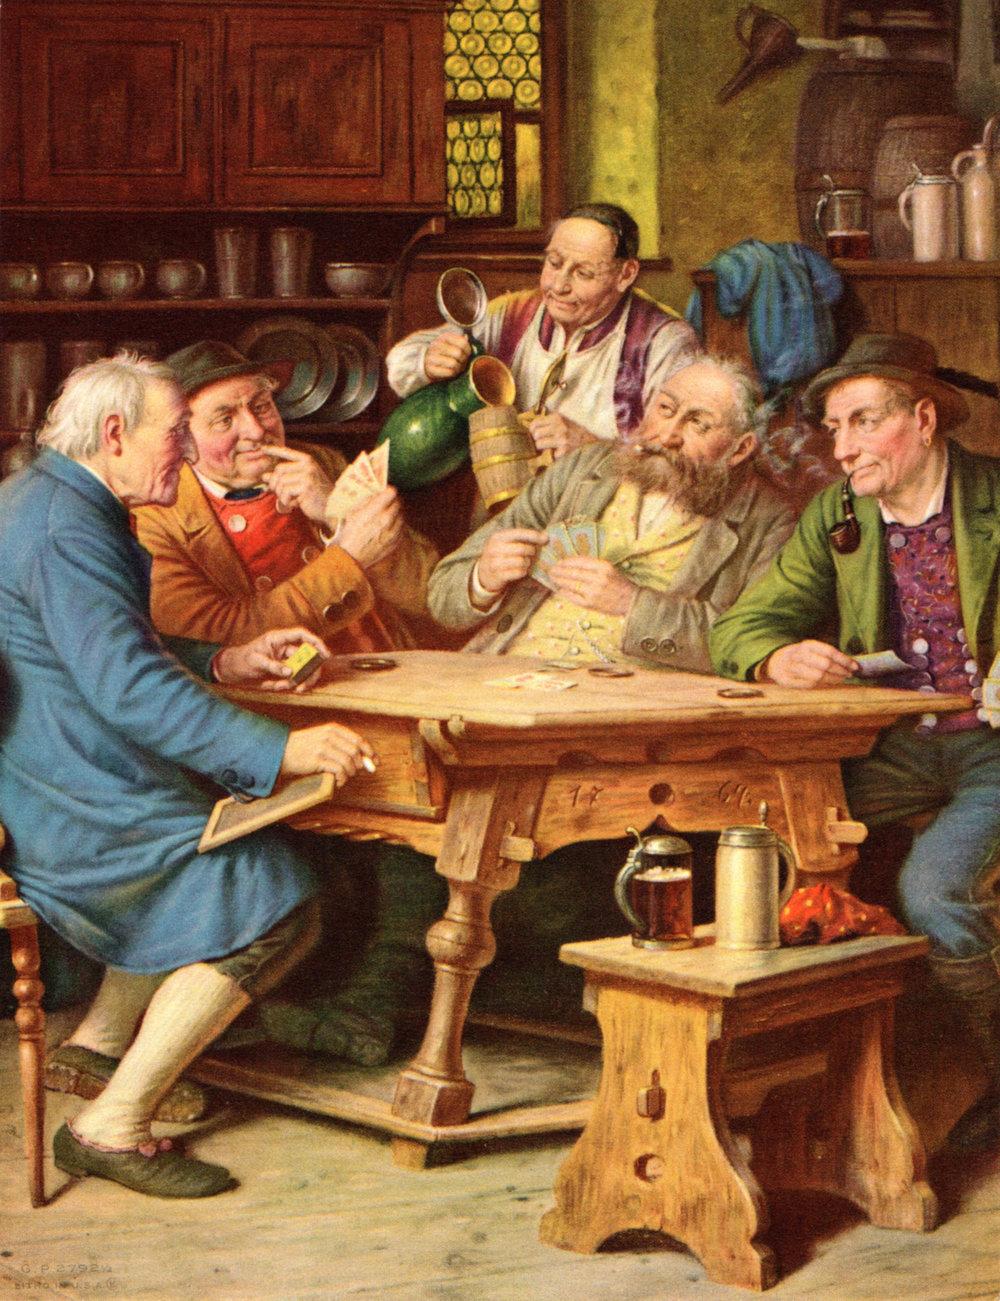 Pub/Tavern/Drinking